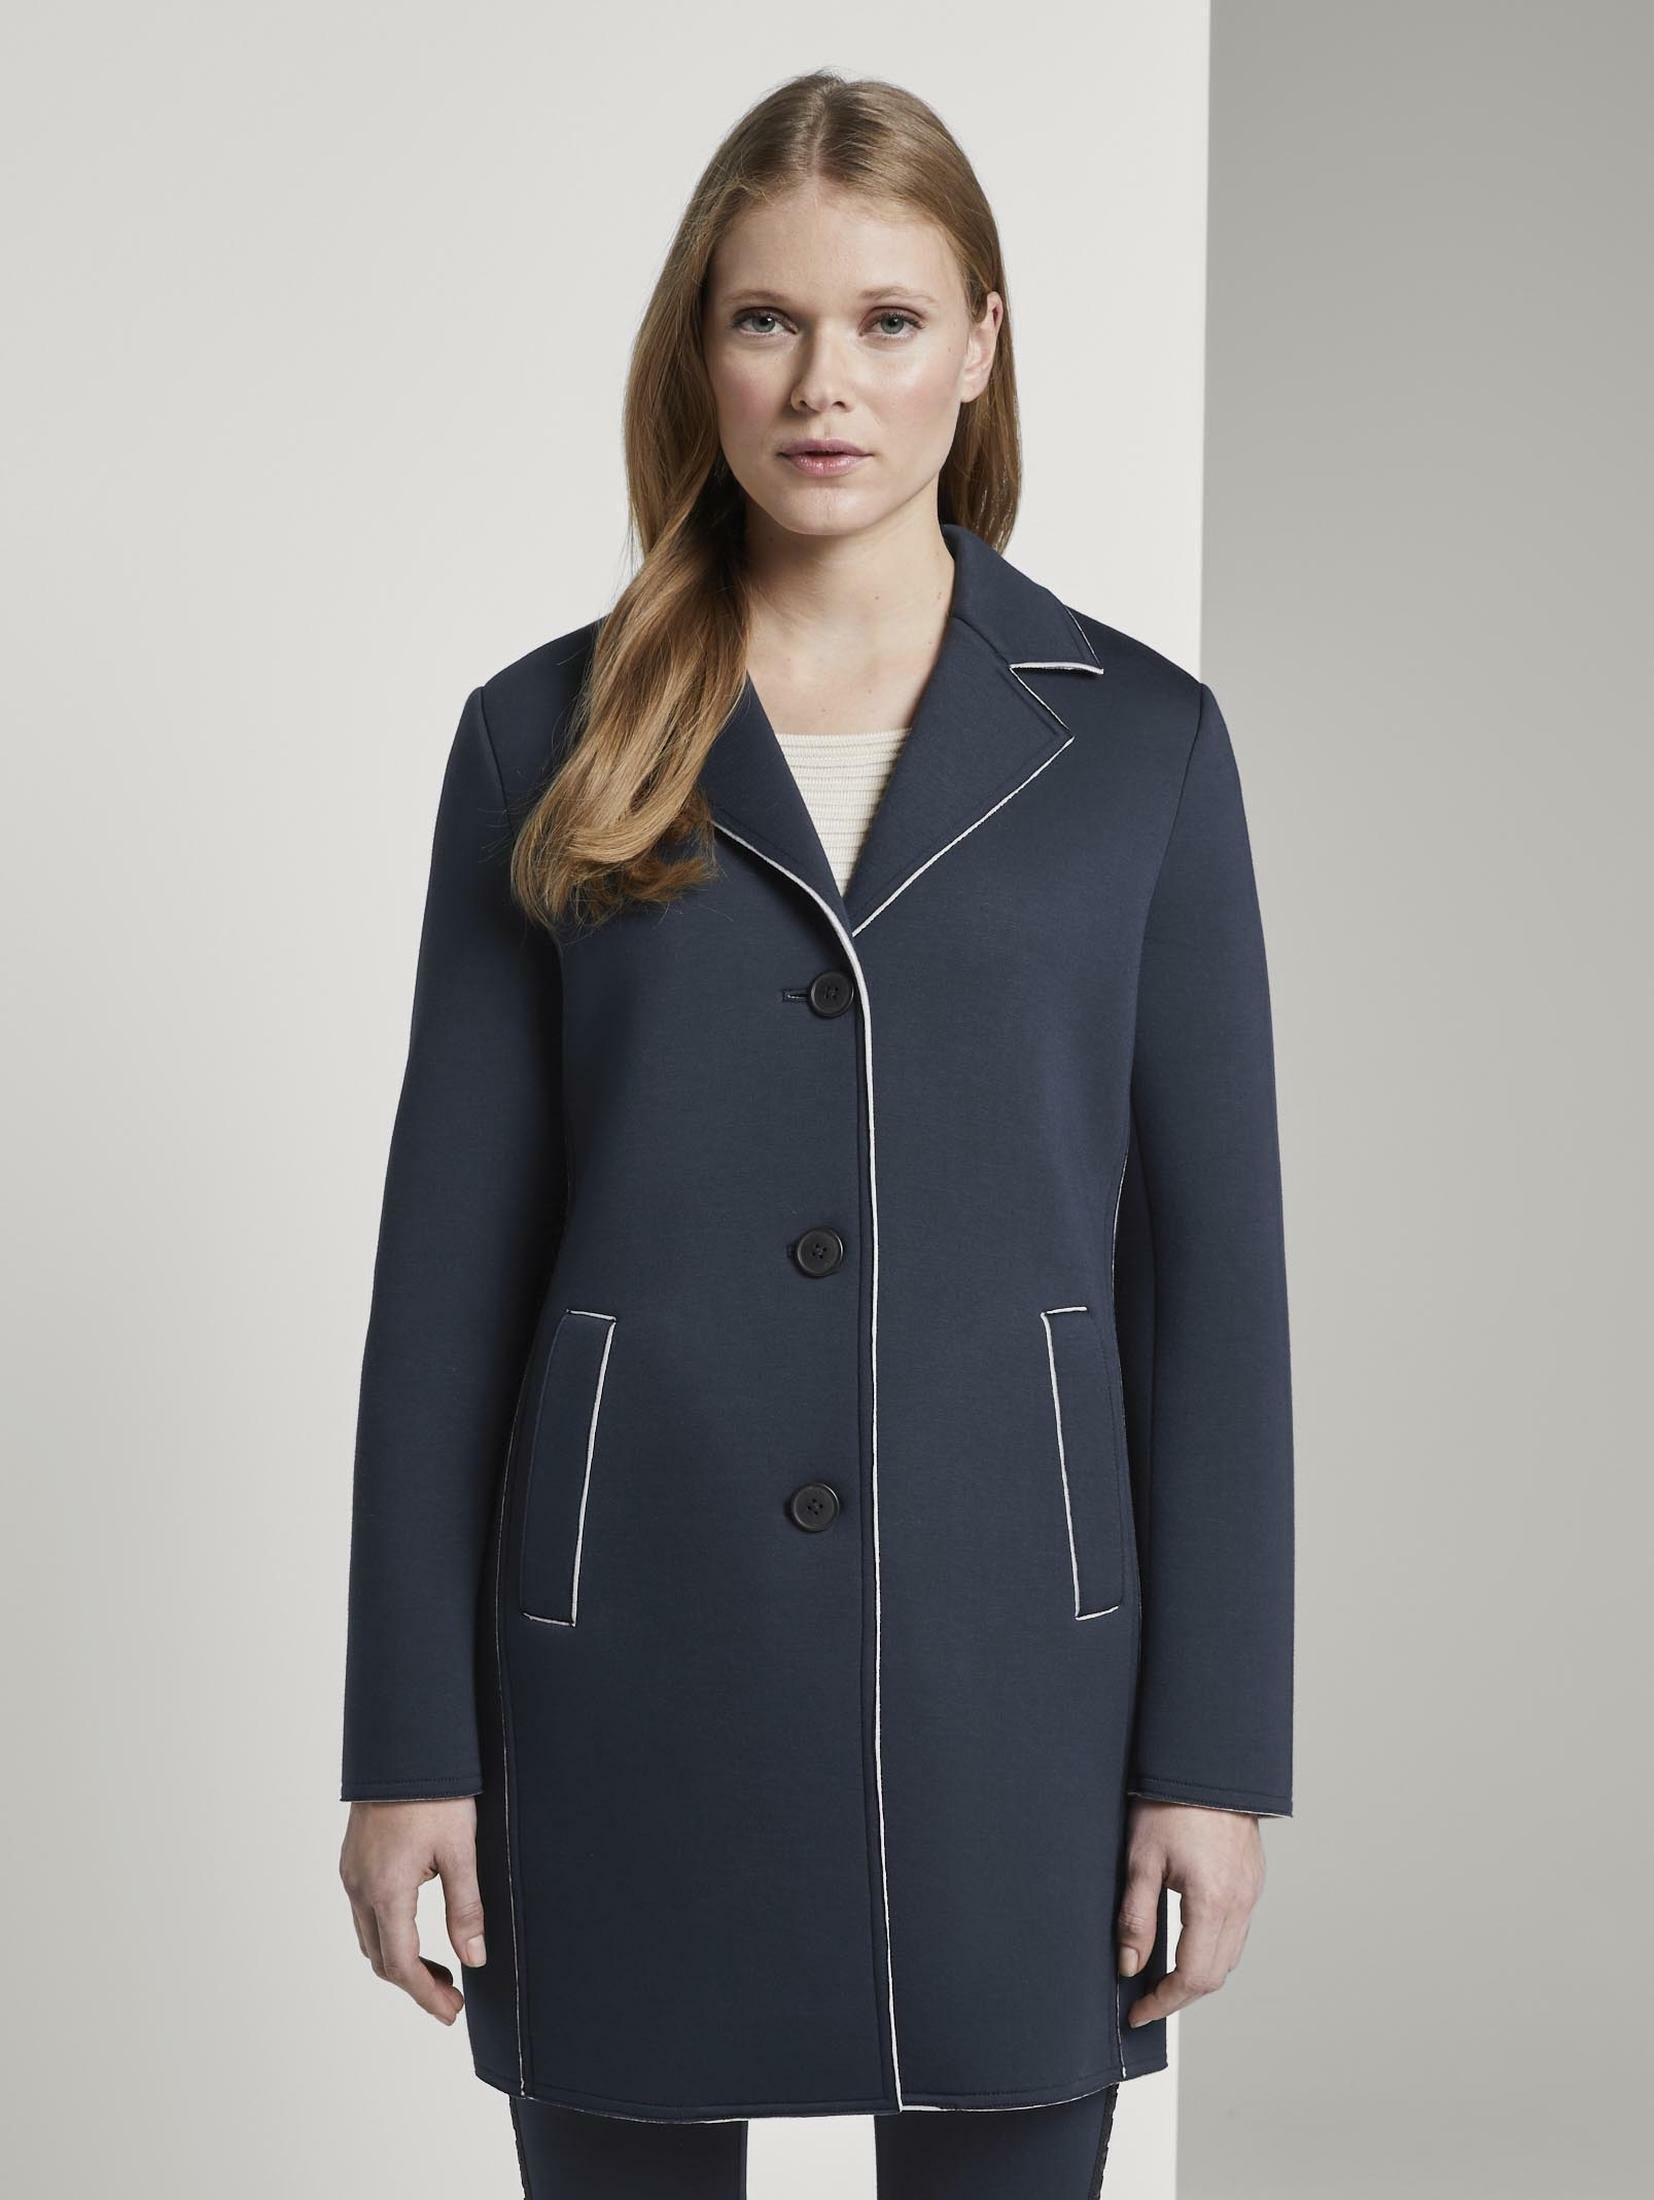 TOM TAILOR lang jack »Sommerlicher Mantel« bestellen: 30 dagen bedenktijd